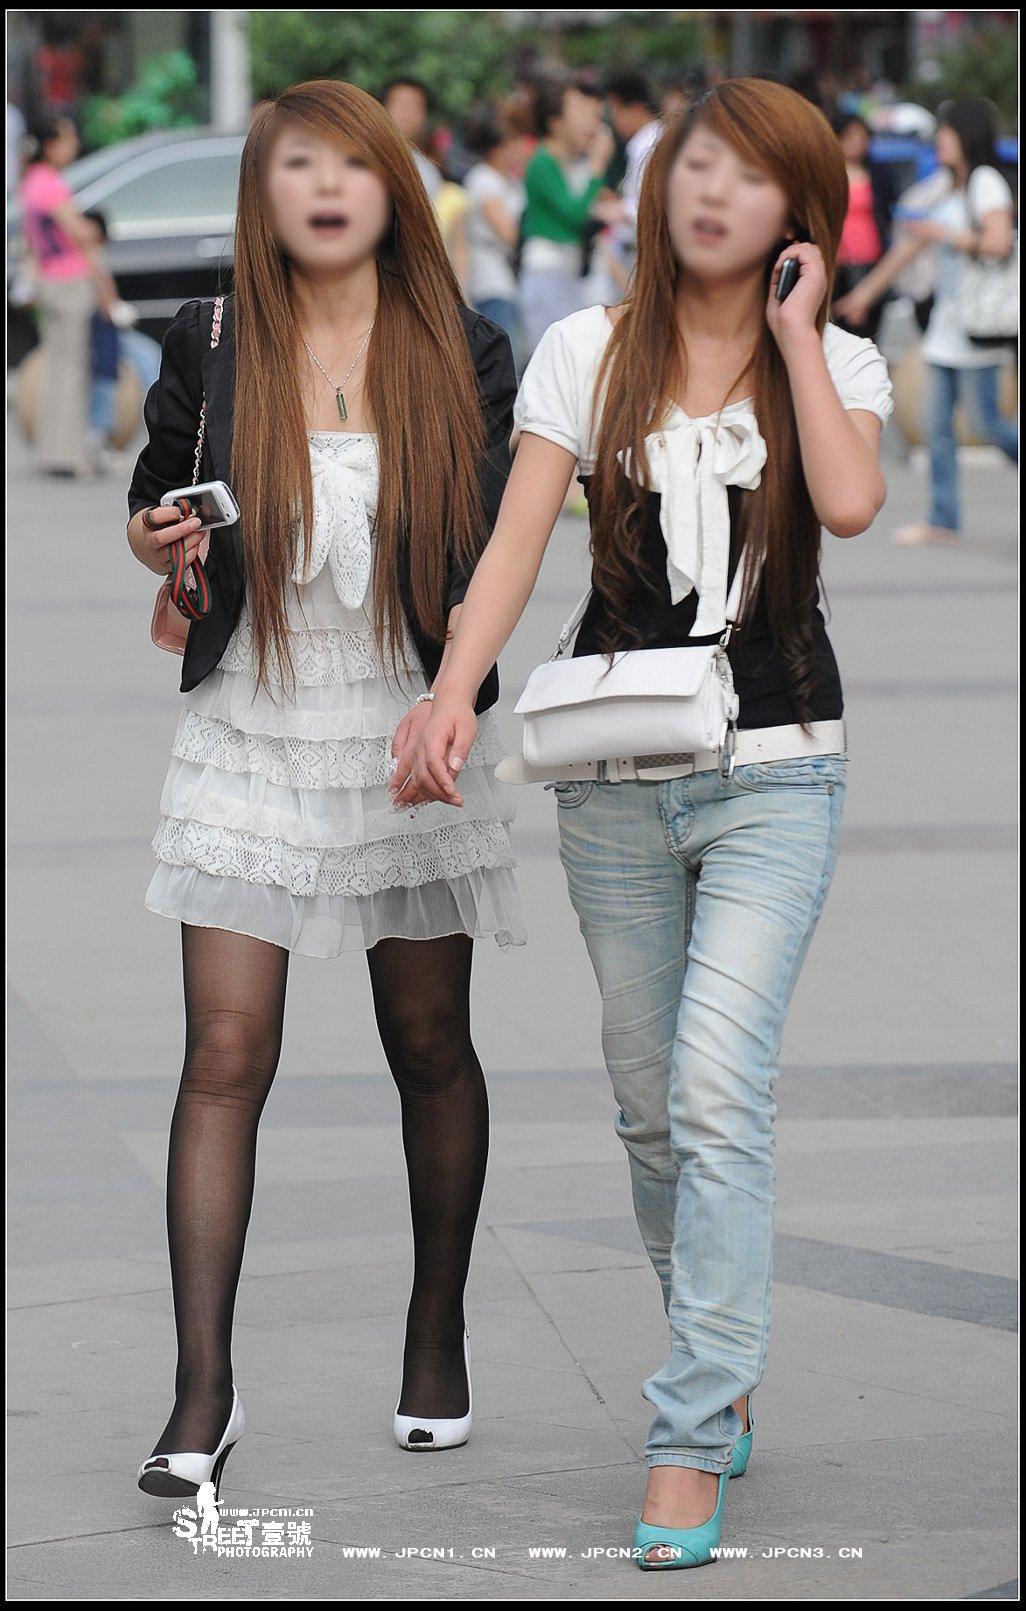 黑丝袜应该配什么颜色的裙子?